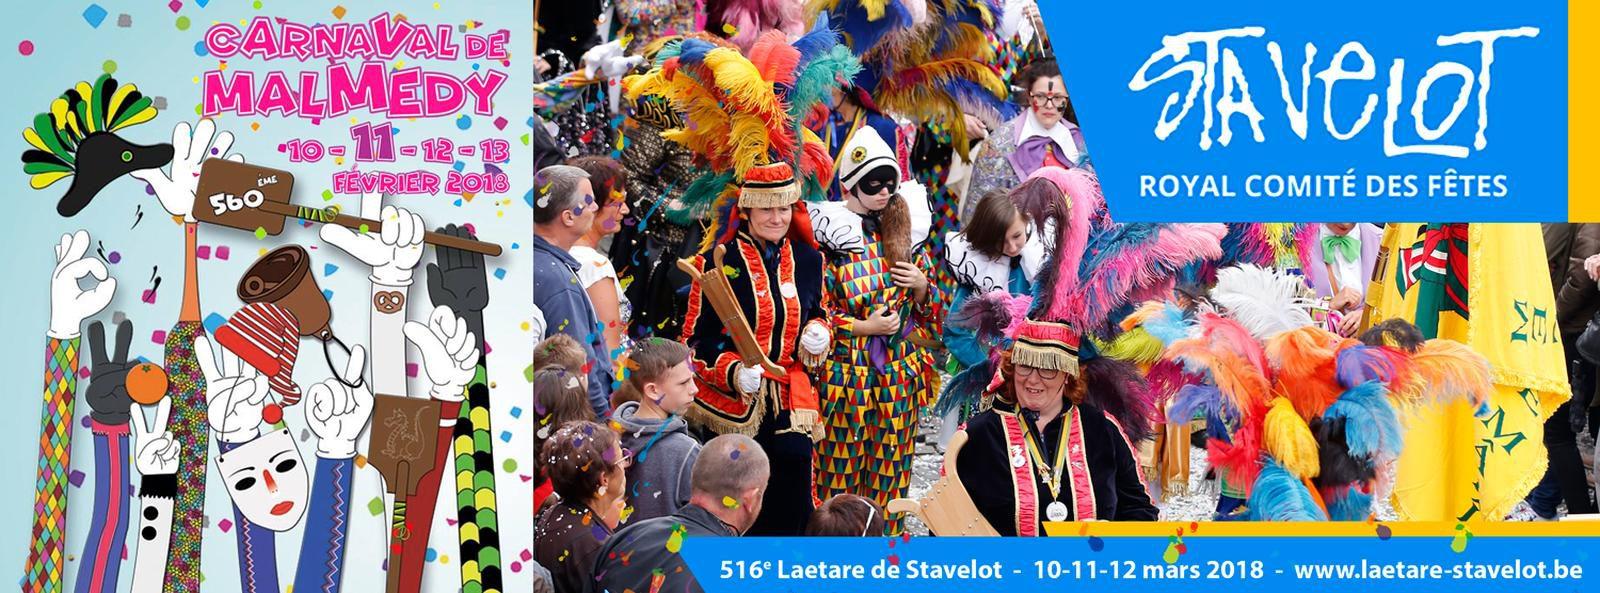 Carnaval-Malmedy-2018